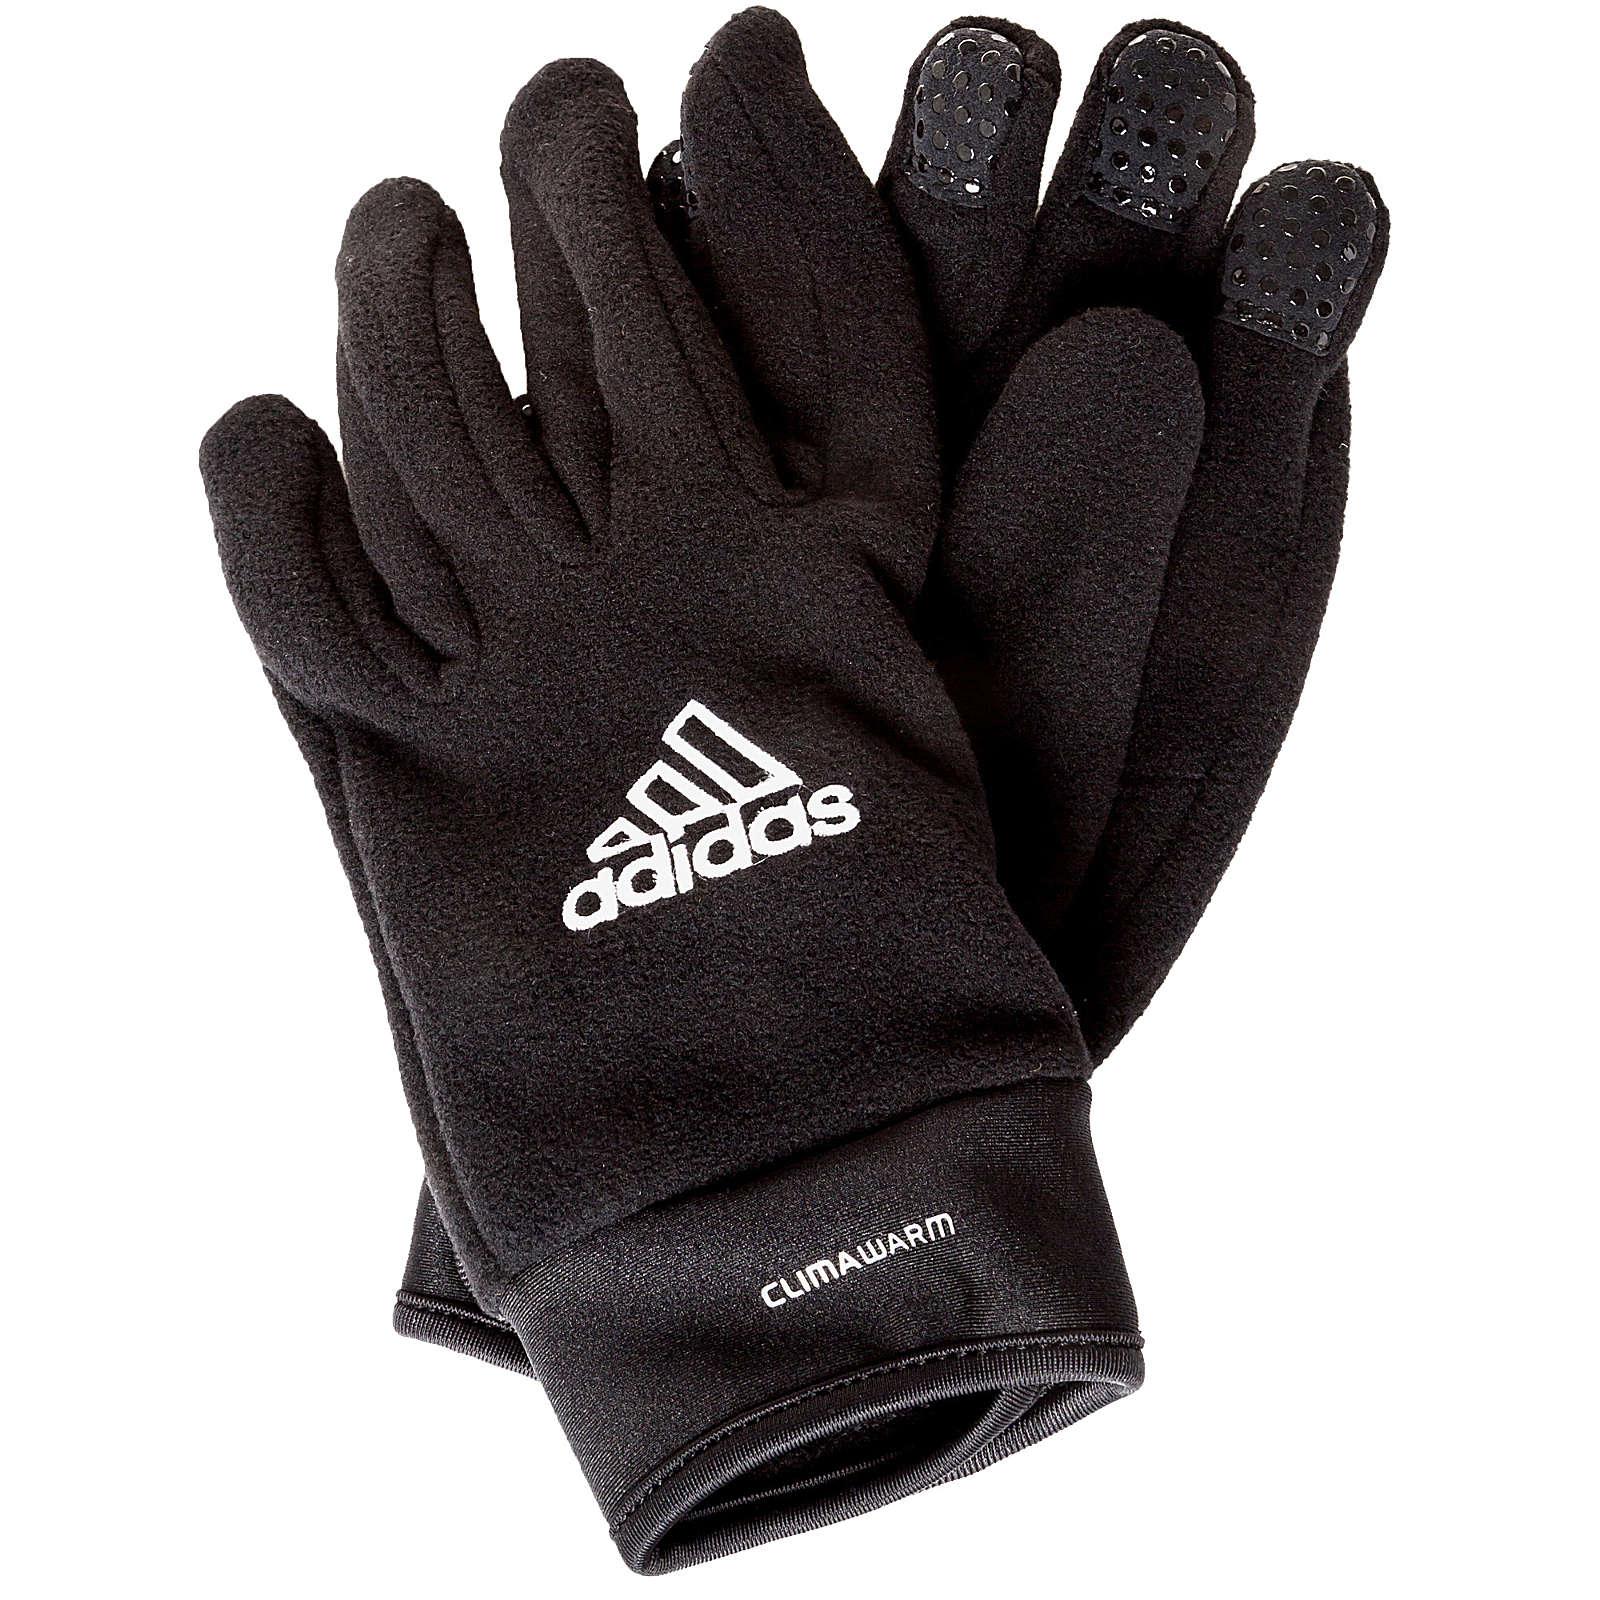 adidas Performance Feldspieler Handschuh schwarz/weiß Gr. 7,5